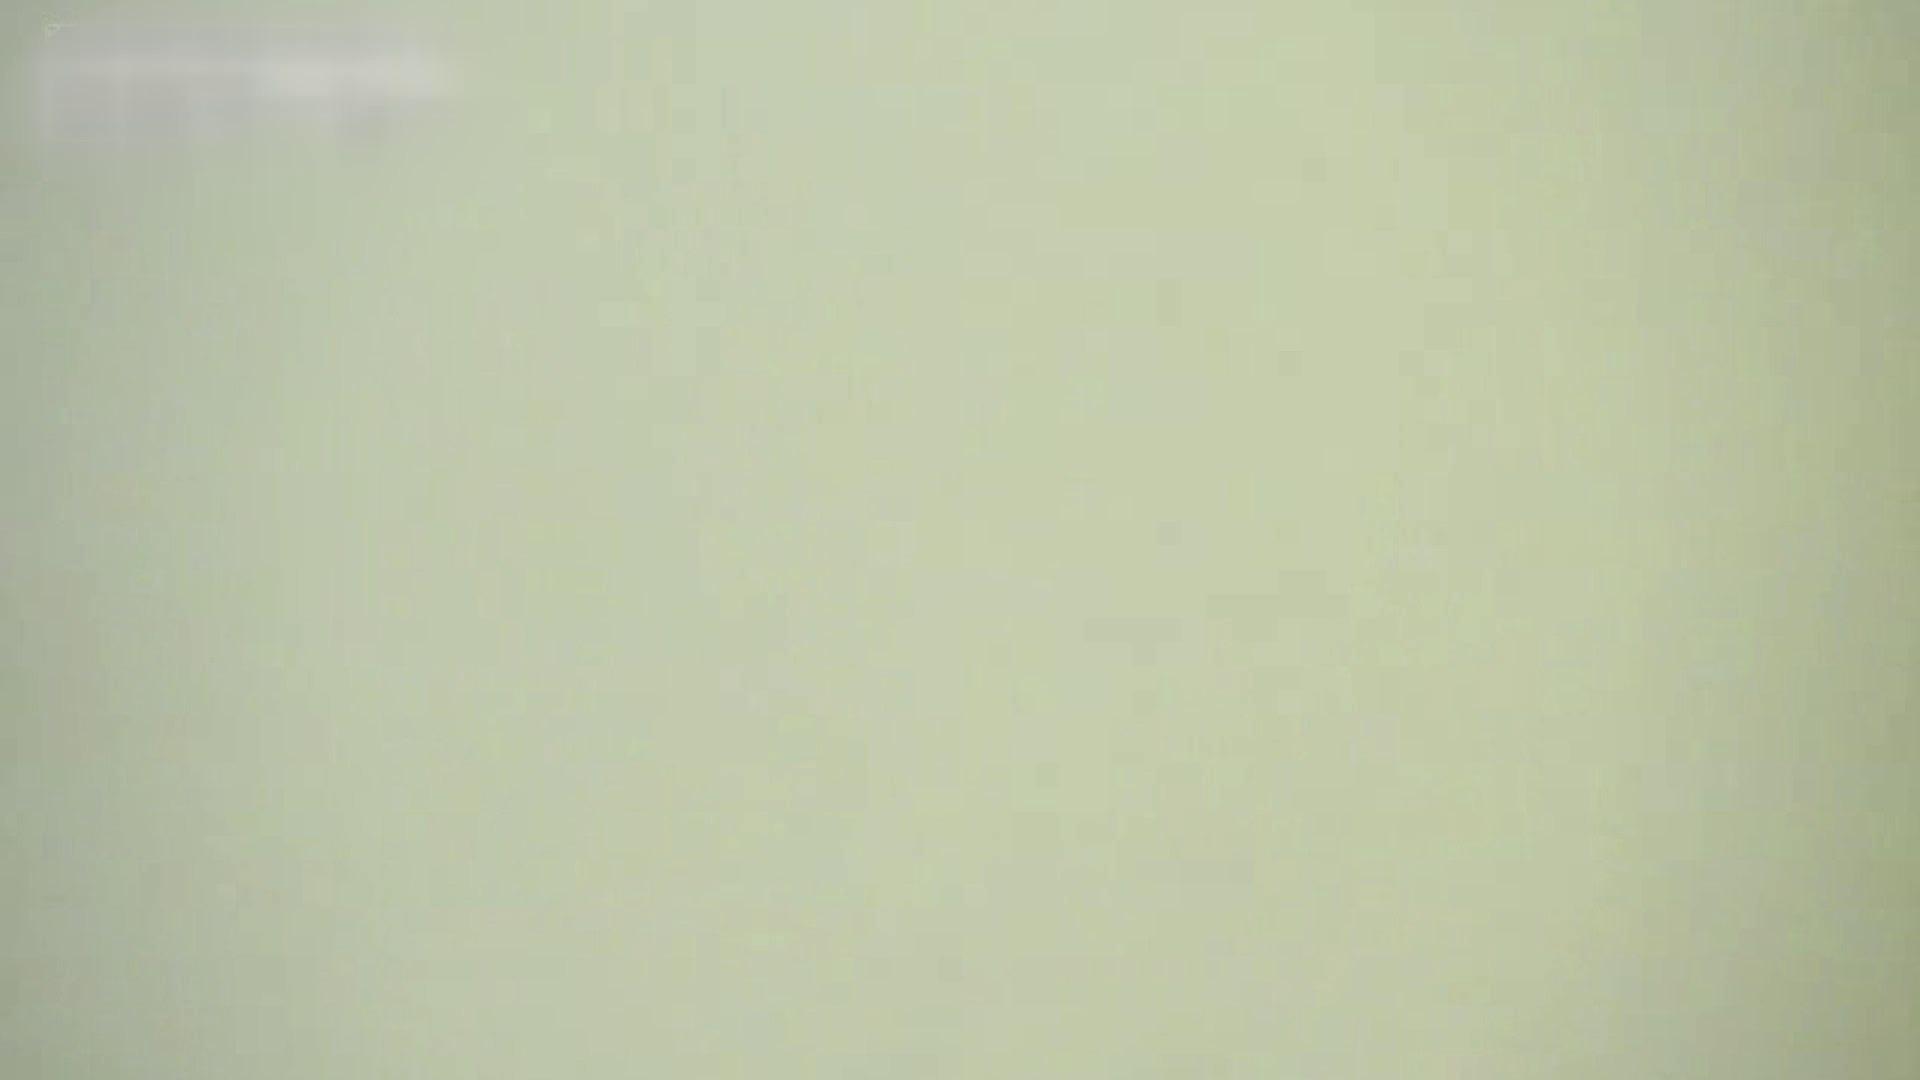 ロックハンドさんの盗撮記録File.59 黄金水 AV無料動画キャプチャ 96pic 7